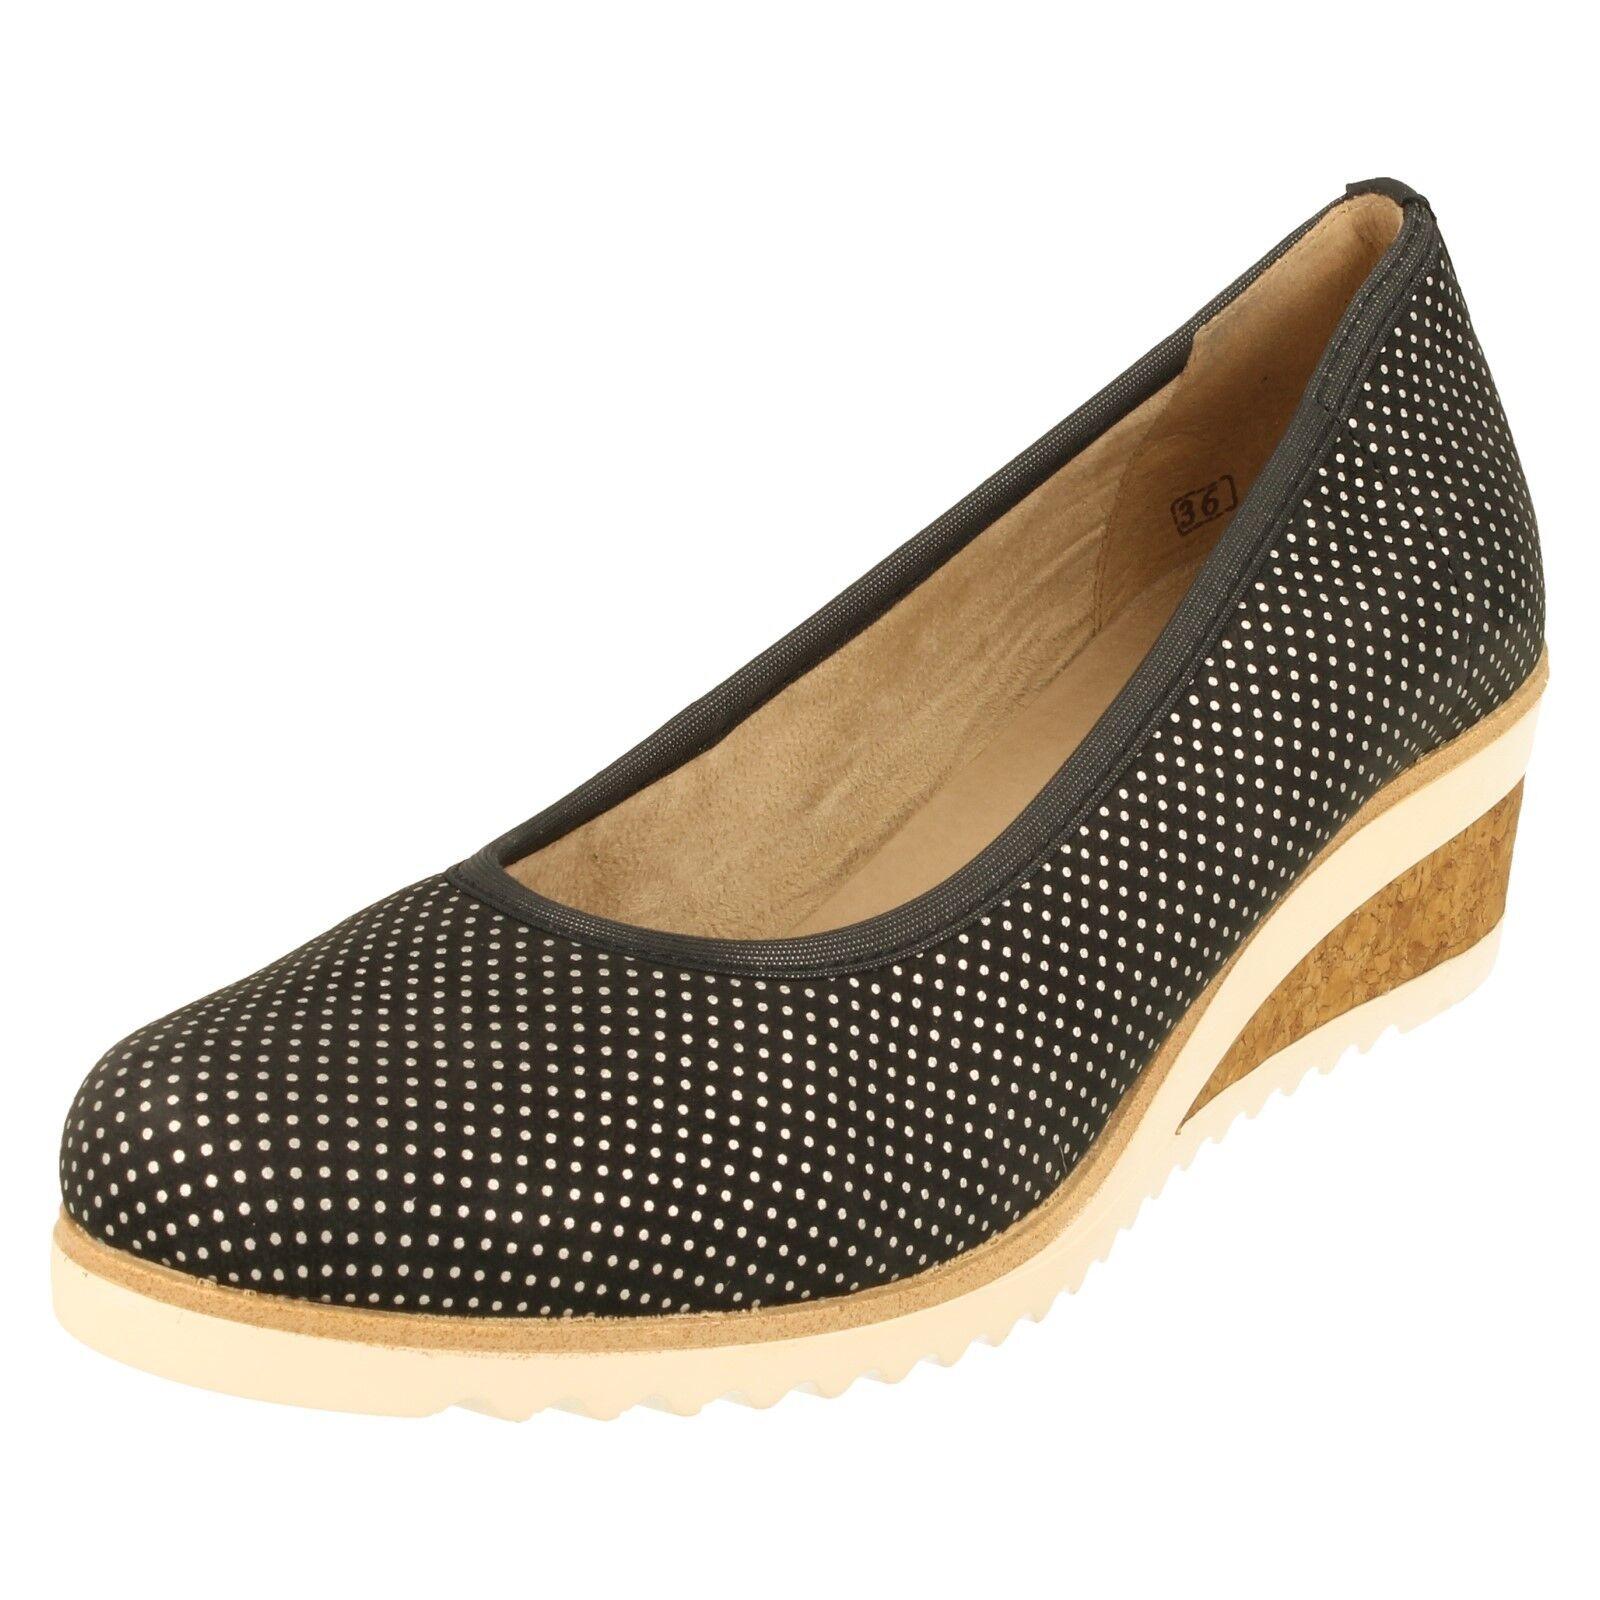 Mujer Mujer Mujer Remonte Zapatos De Cuña - D5500  precio mas barato